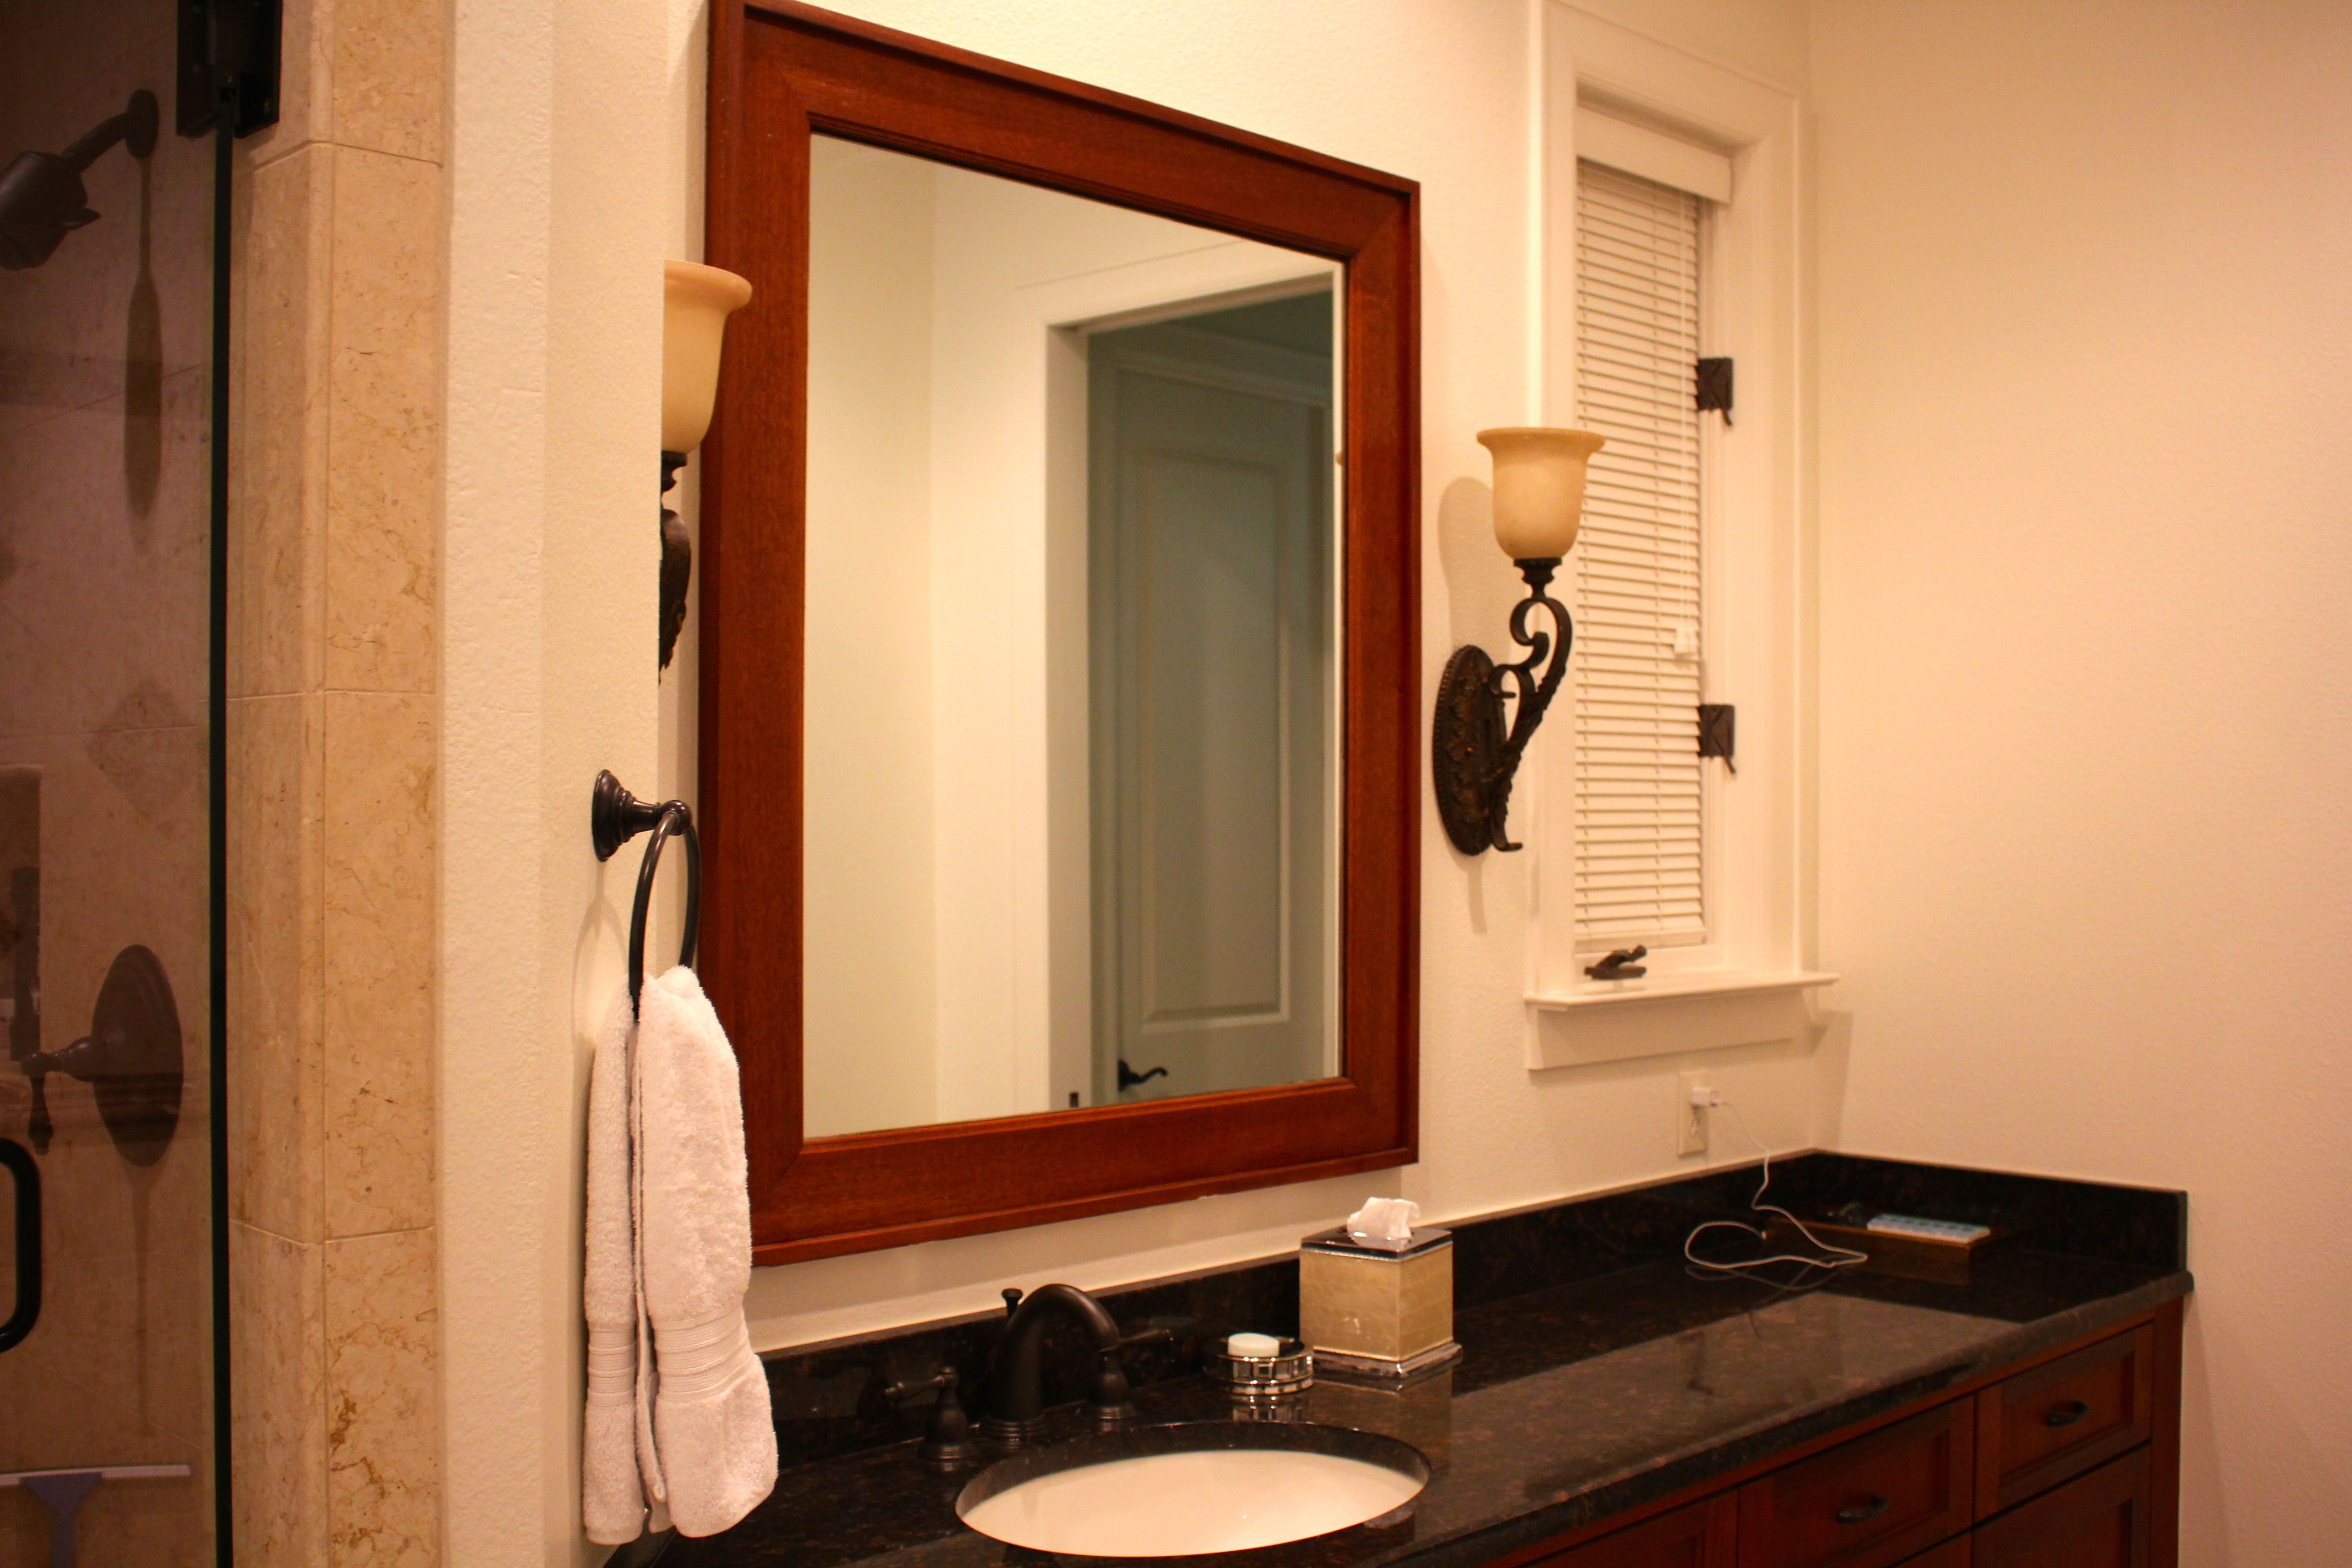 Voici la salle de bains de mes parents. Leur miroir marron, leur lavabo en porcelain